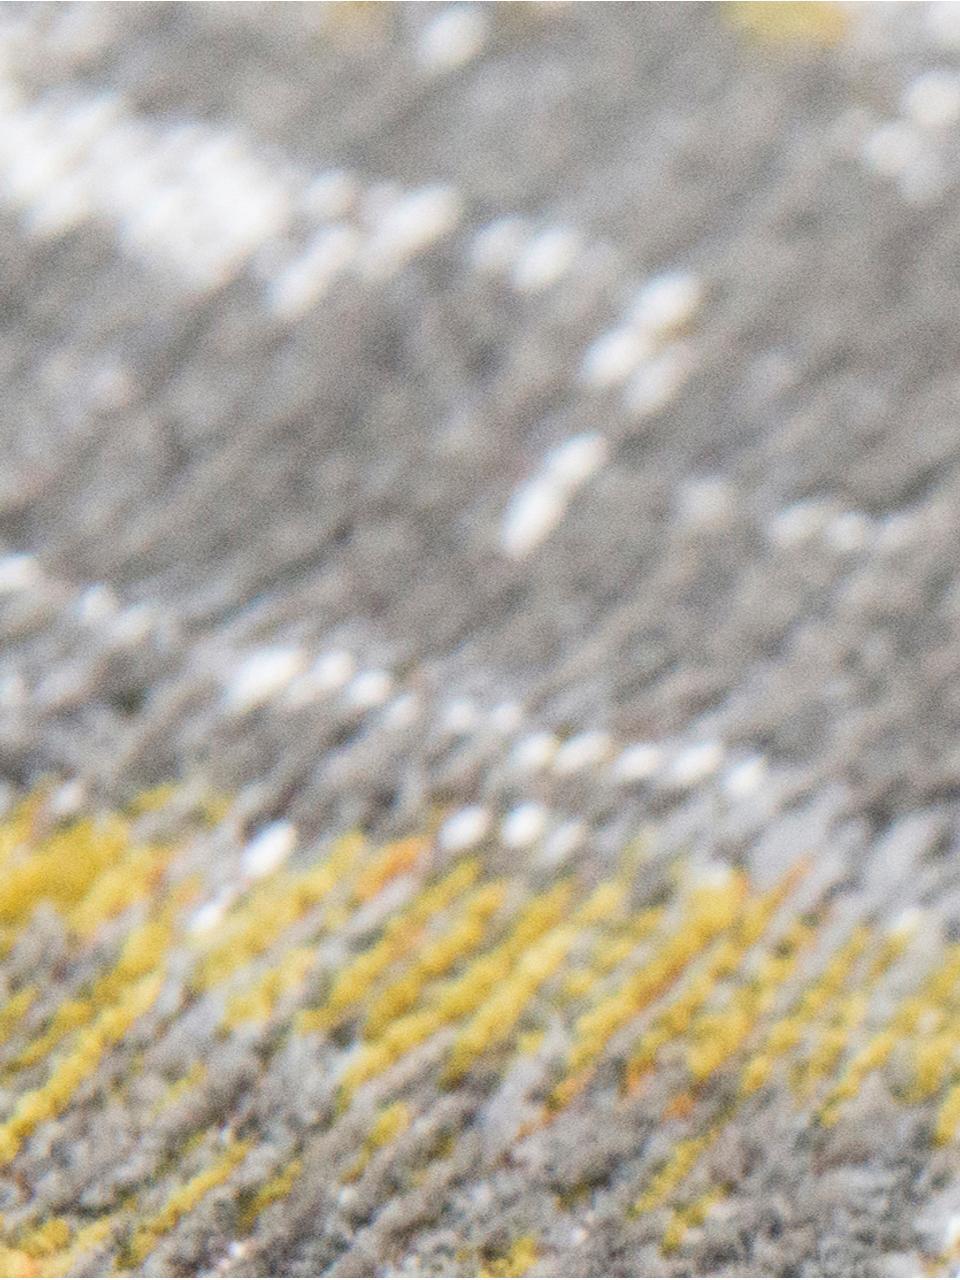 Tappeto di design grigio/giallo Streaks, Tessuto: Jacquard, Retro: Miscela di cotone, rivest, Giallo, grigio, bianco, Larg. 230 x Lung. 330 cm (taglia L)